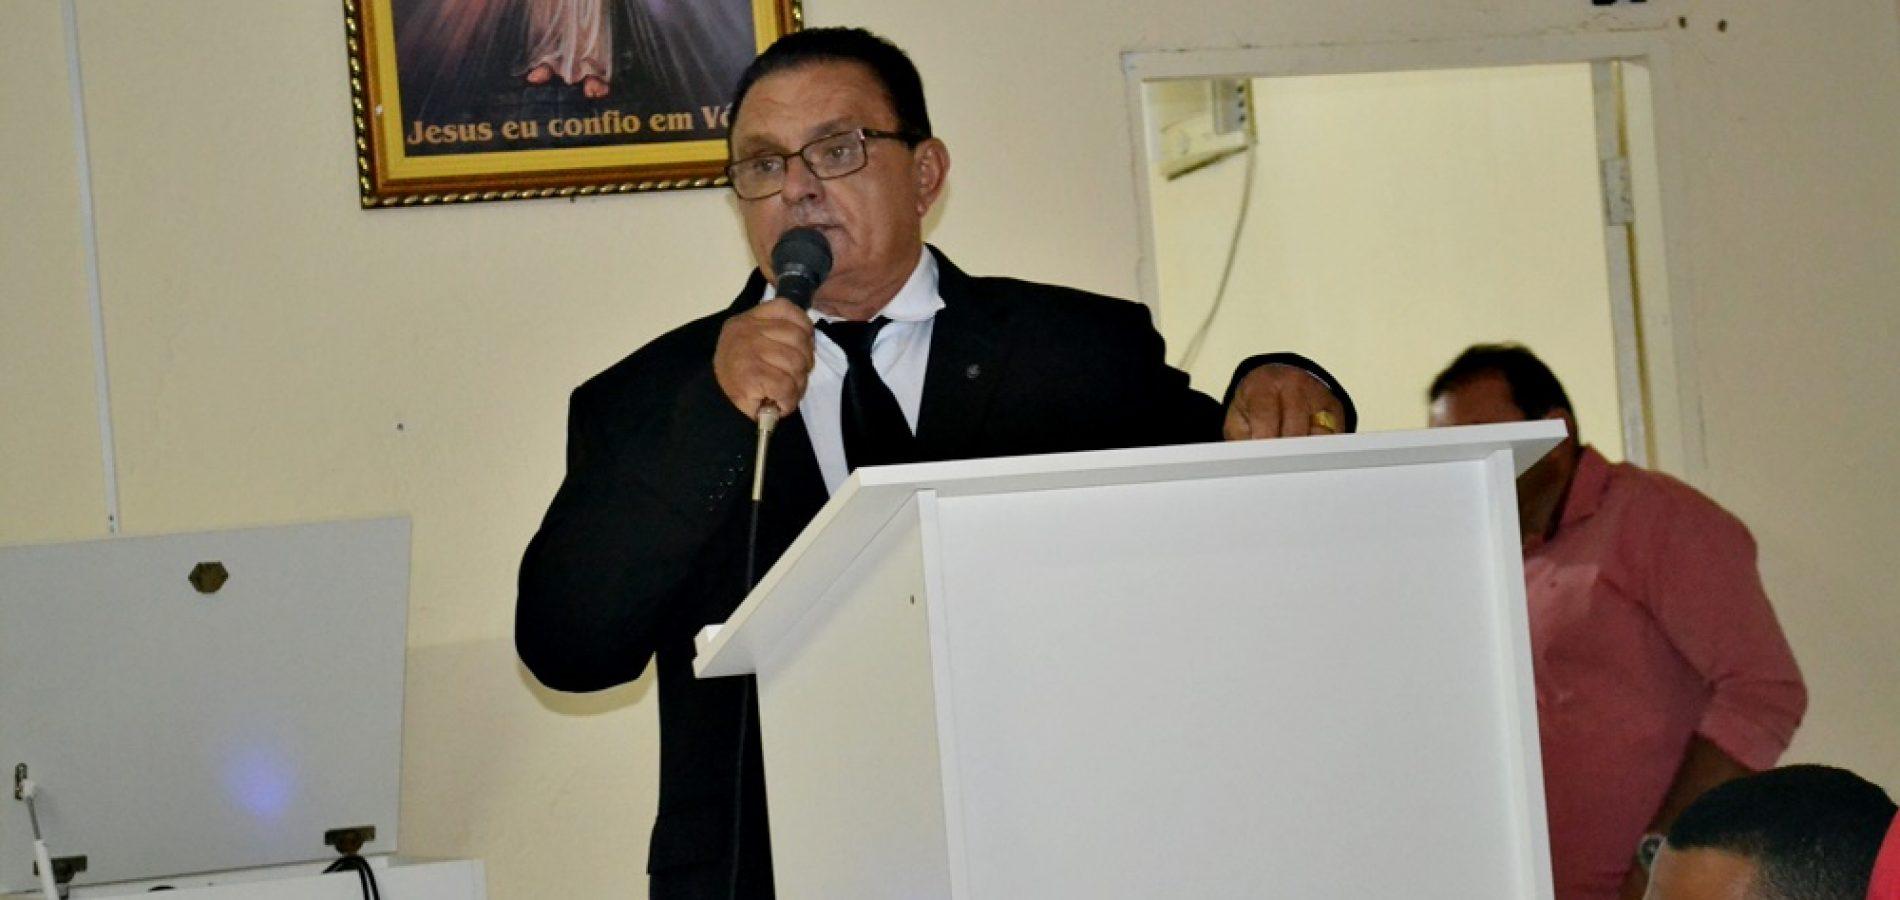 Prefeito leva mensagem do Executivo na abertura dos trabalhos legislativos da Câmara de Francisco Macedo